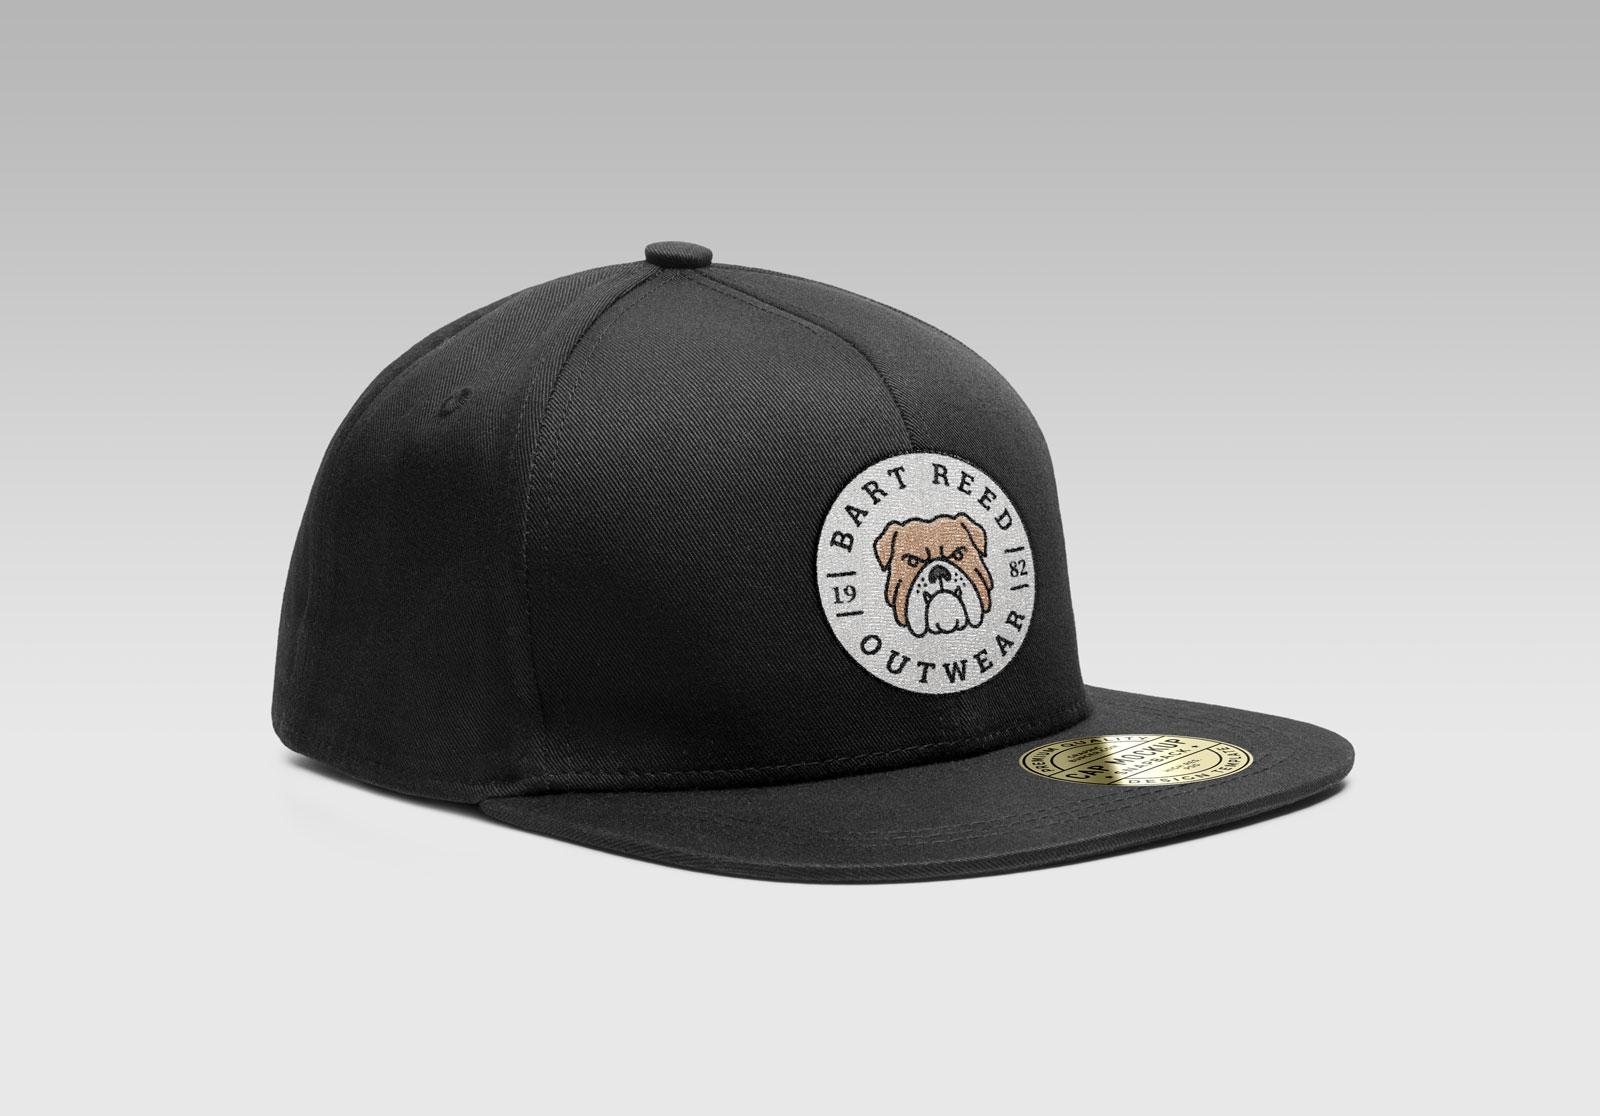 Free-Snapback-Men's-Cap-Mockup-PSD-With-Woven-Logo-2